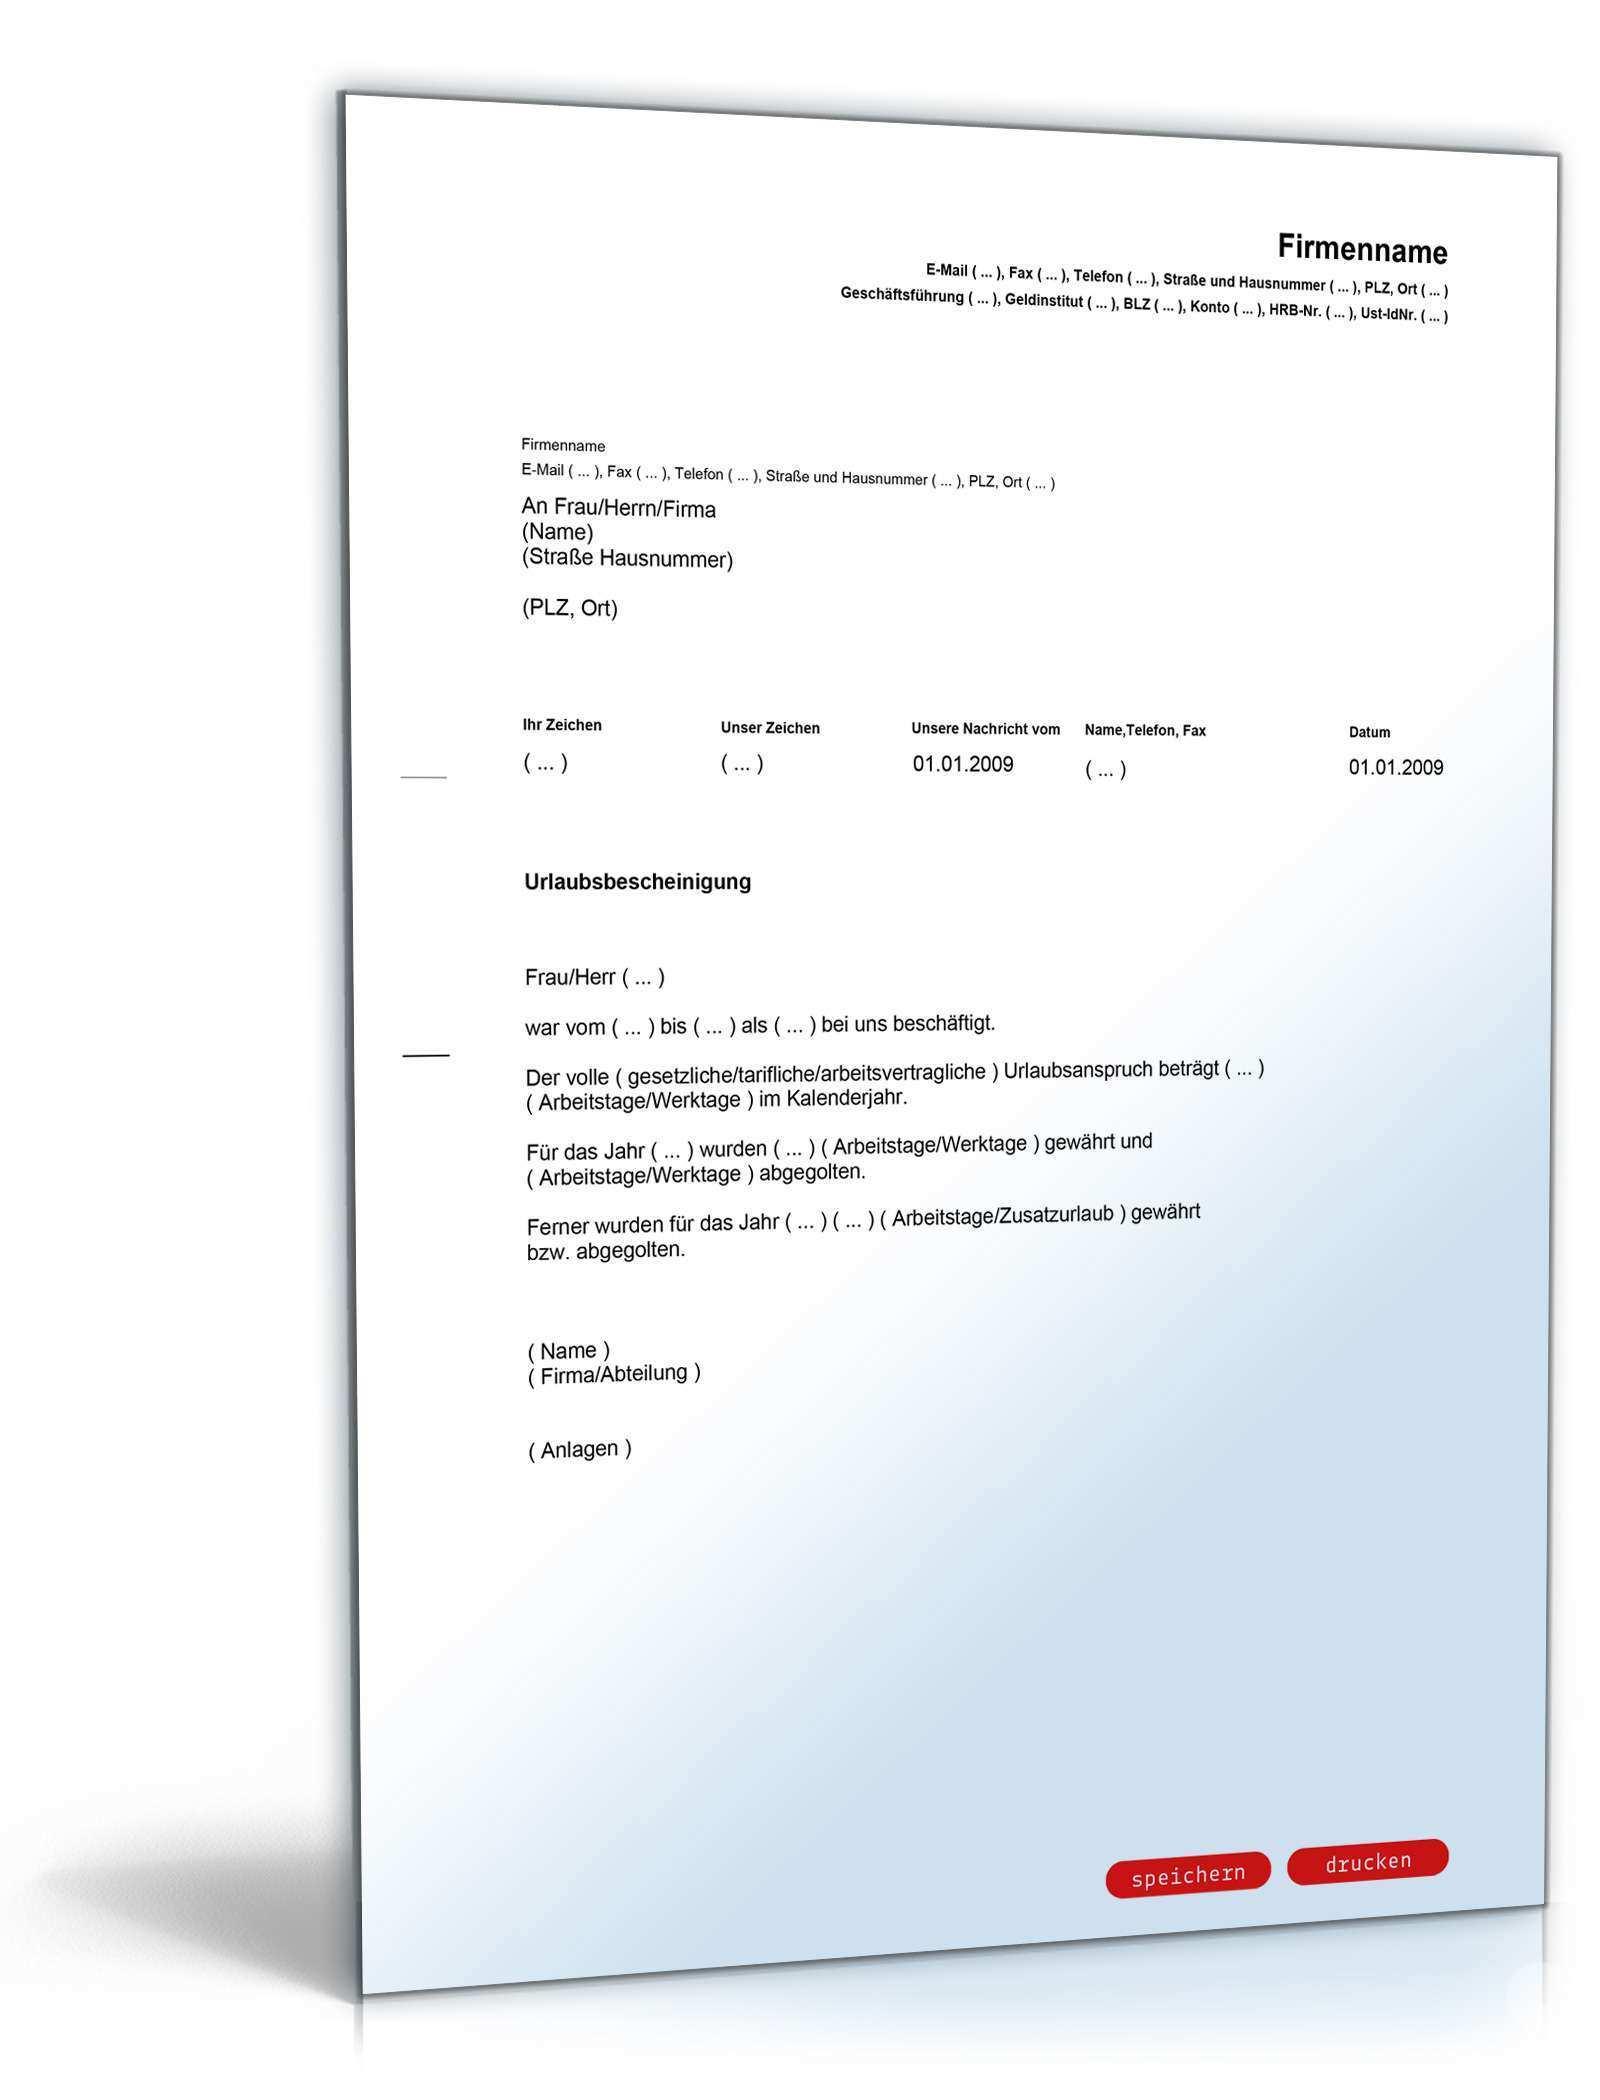 Urlaubsbescheinigung Arbeitgeber Vorlage Zum Download